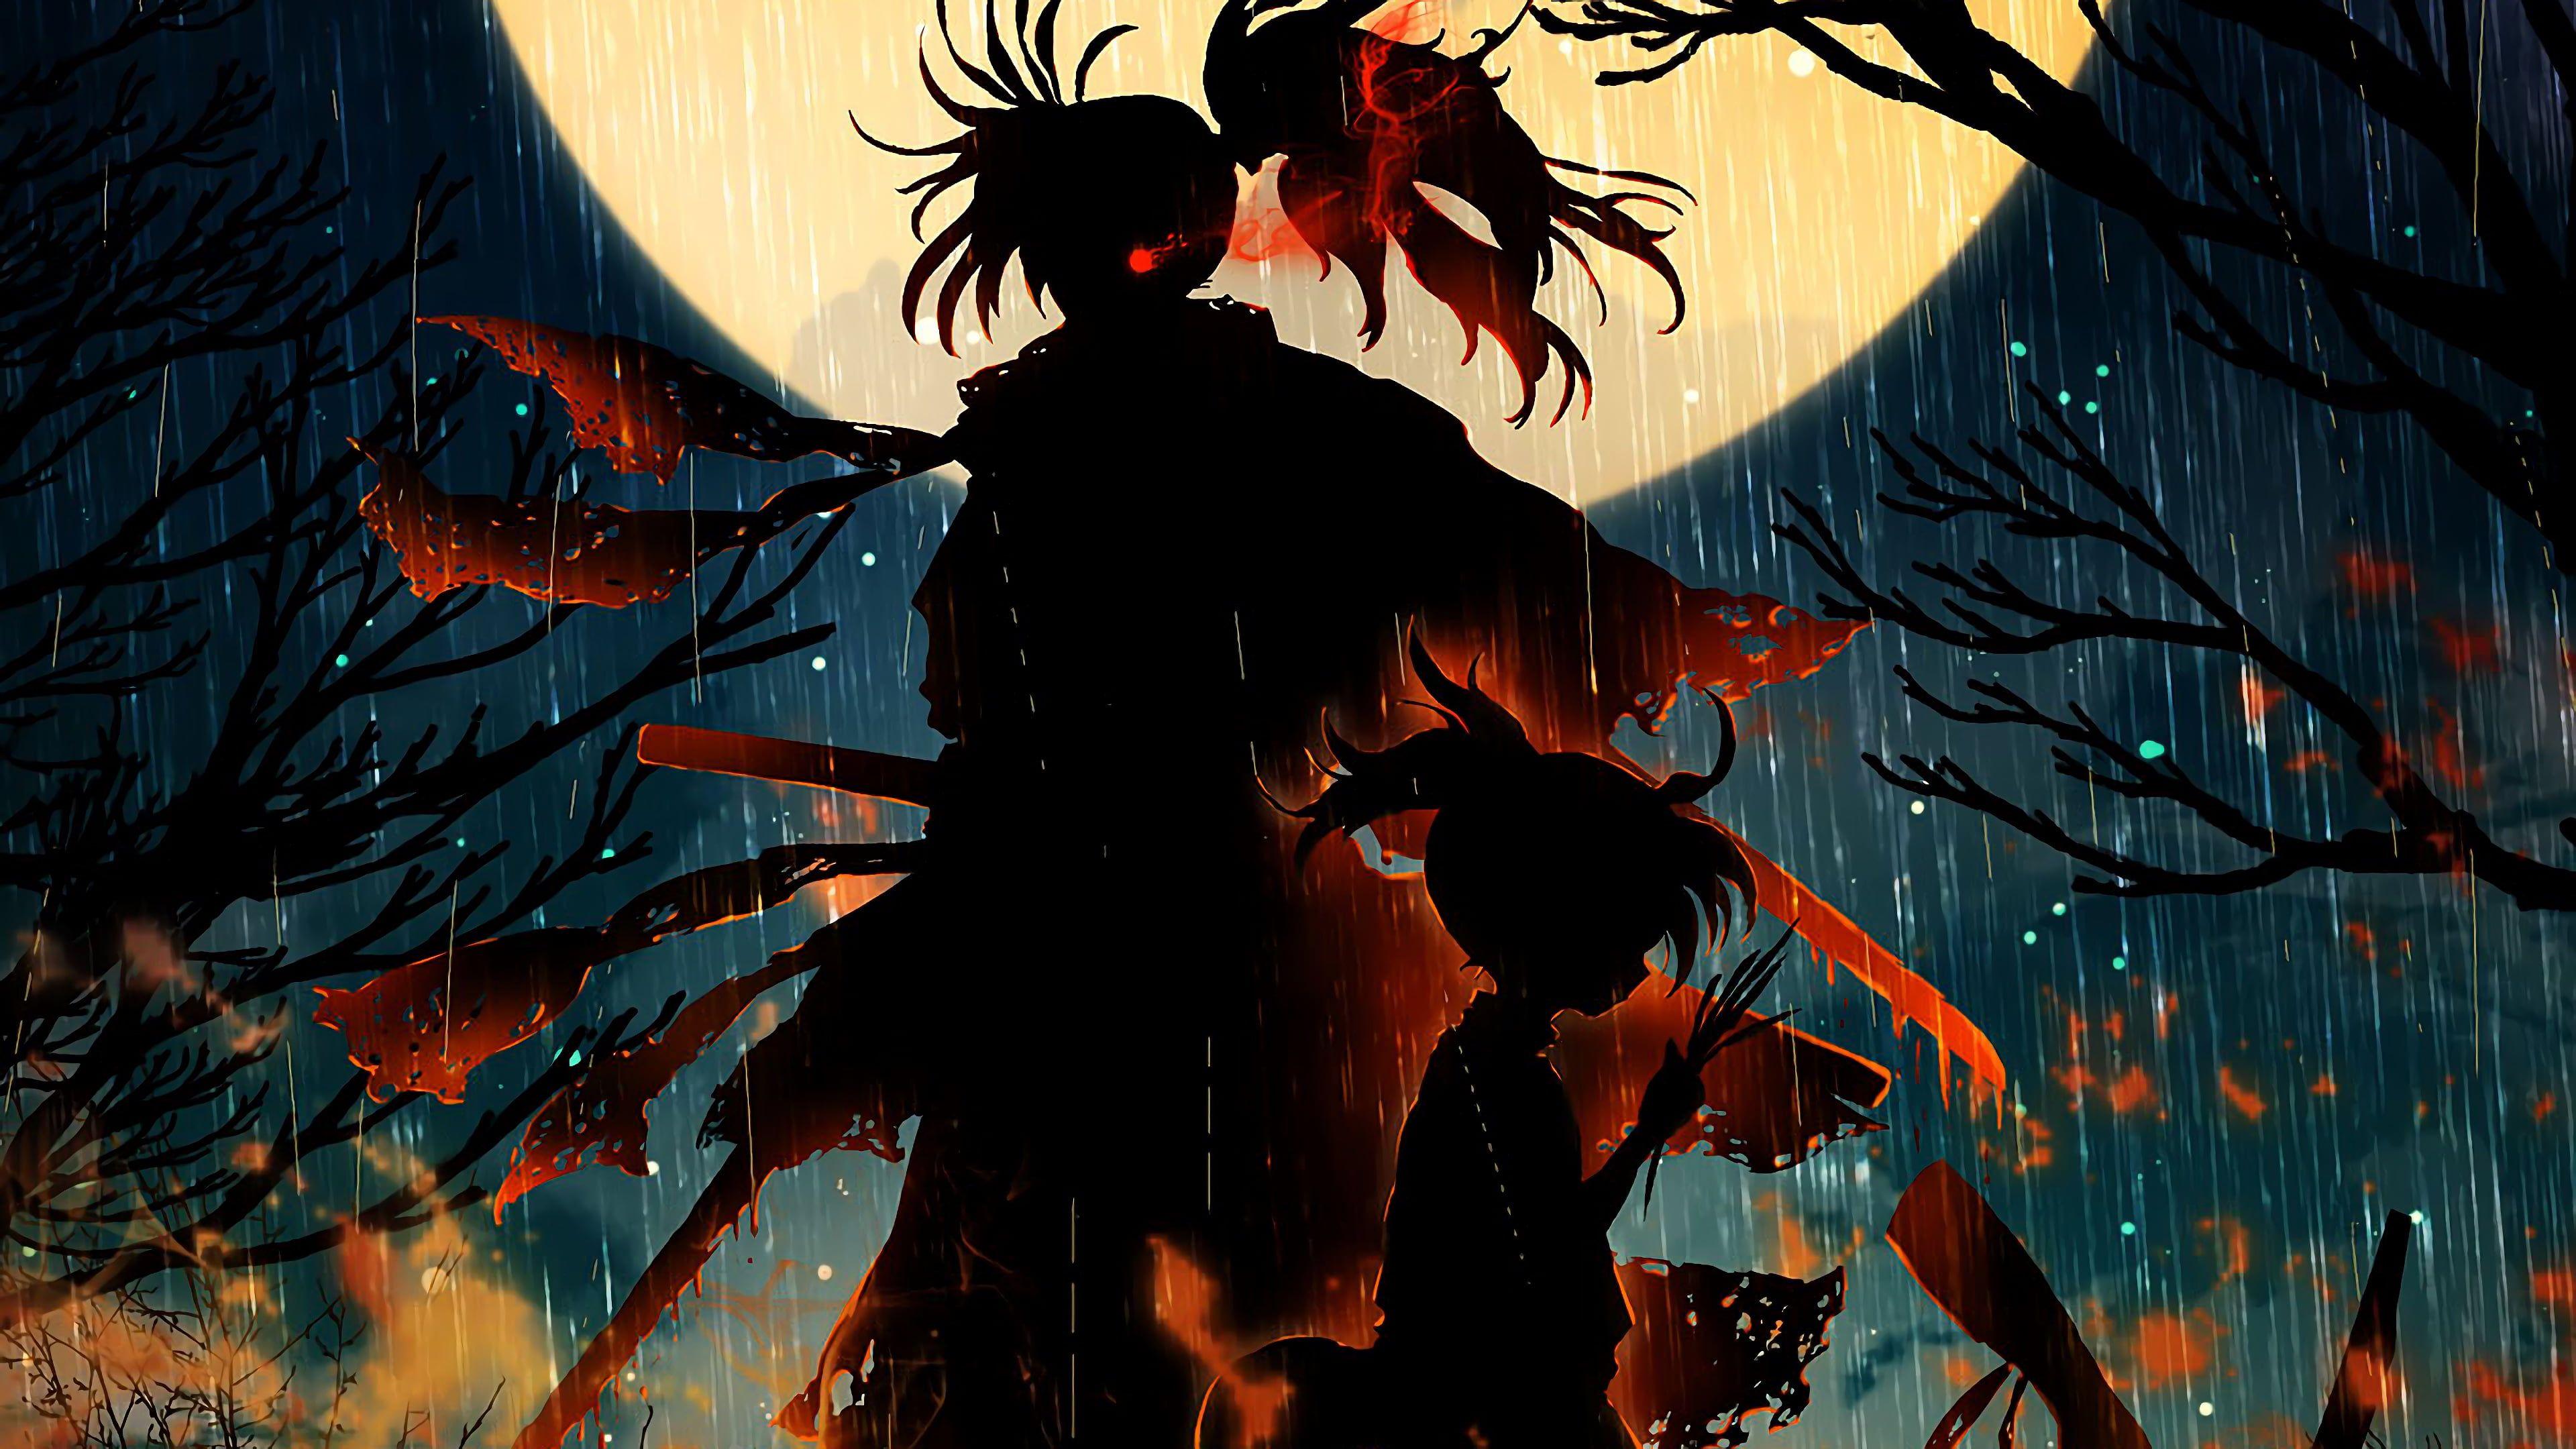 Anime Dororo Black Hair Dororo Anime Dororo Dororo Hyakkimaru Dororo Moon Red Eyes 4 Anime Wallpaper Iphone Anime Wallpaper Anime Wallpaper 1920x1080